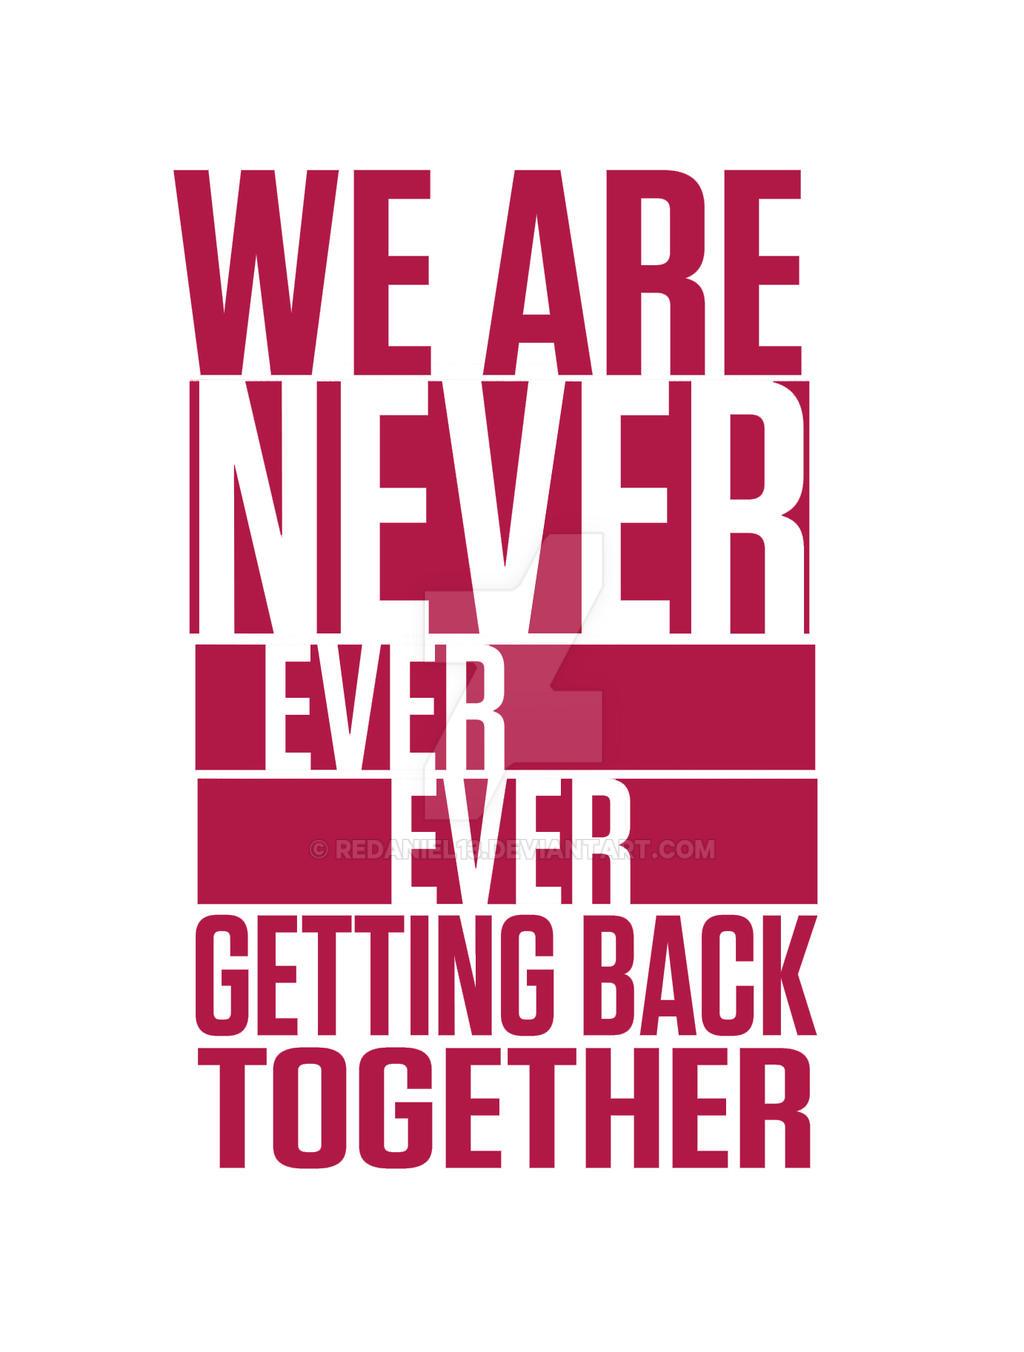 can we ever get back together